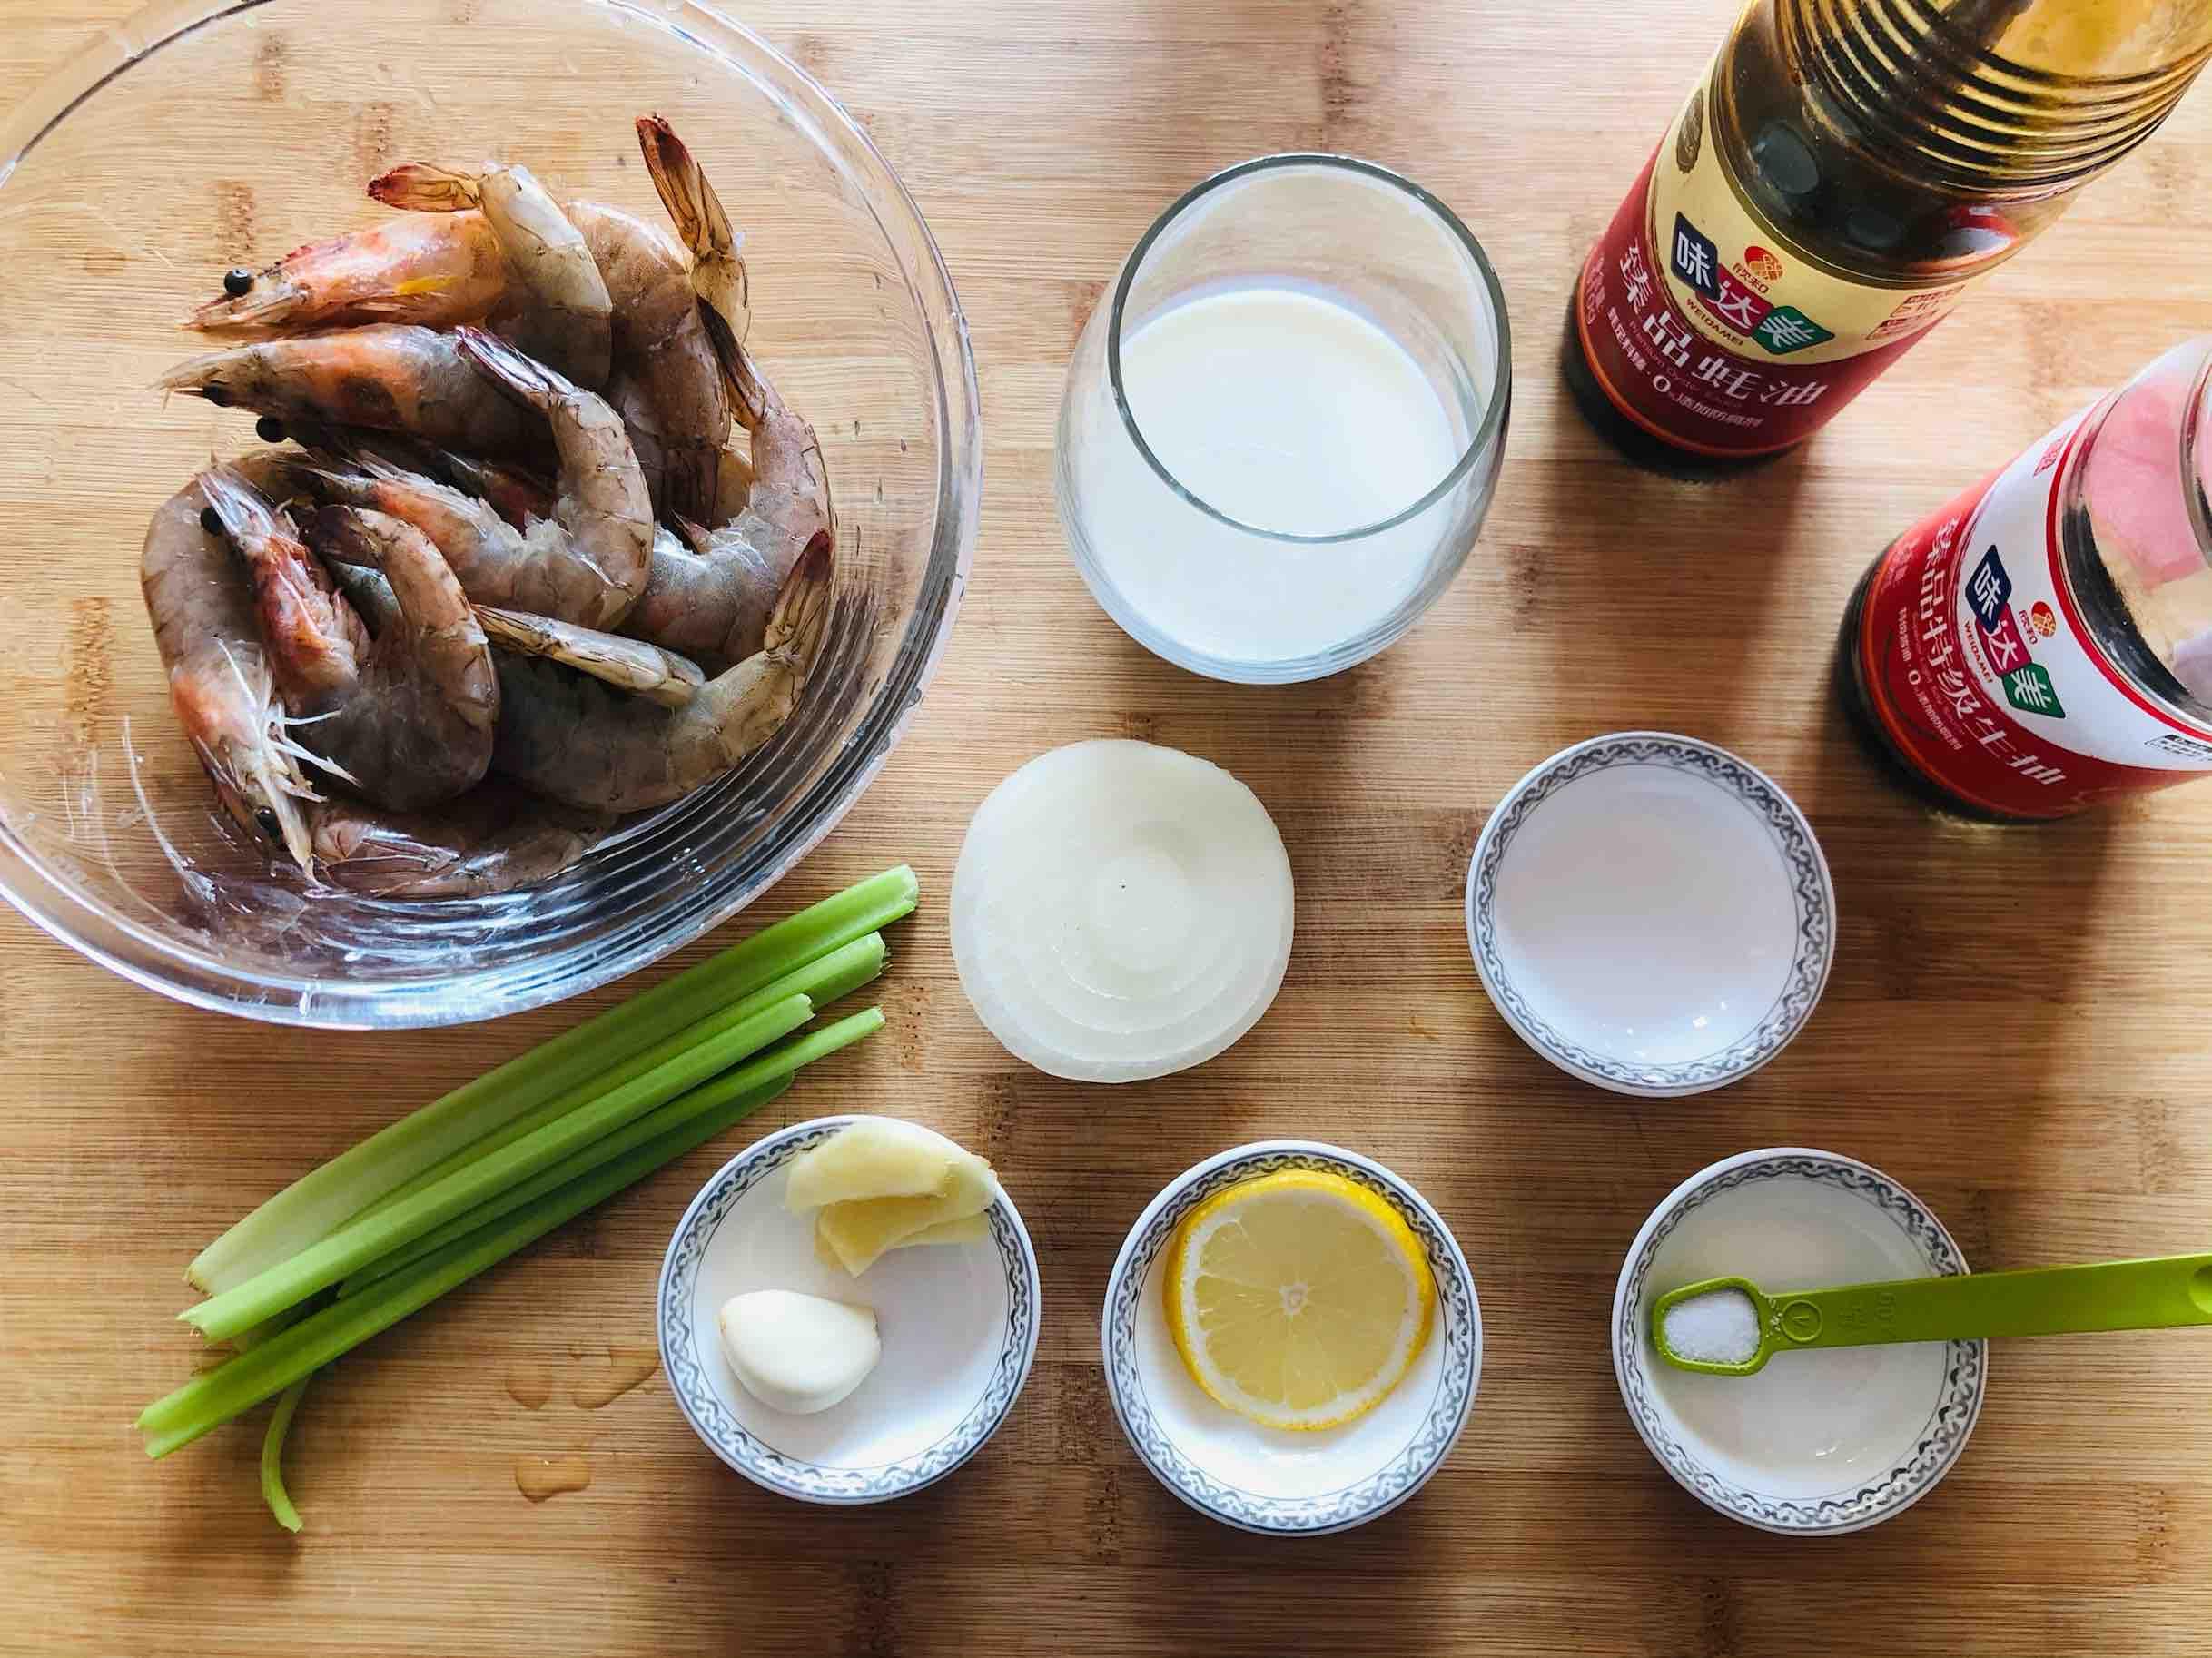 新年开运菜|干㸆大虾的做法大全